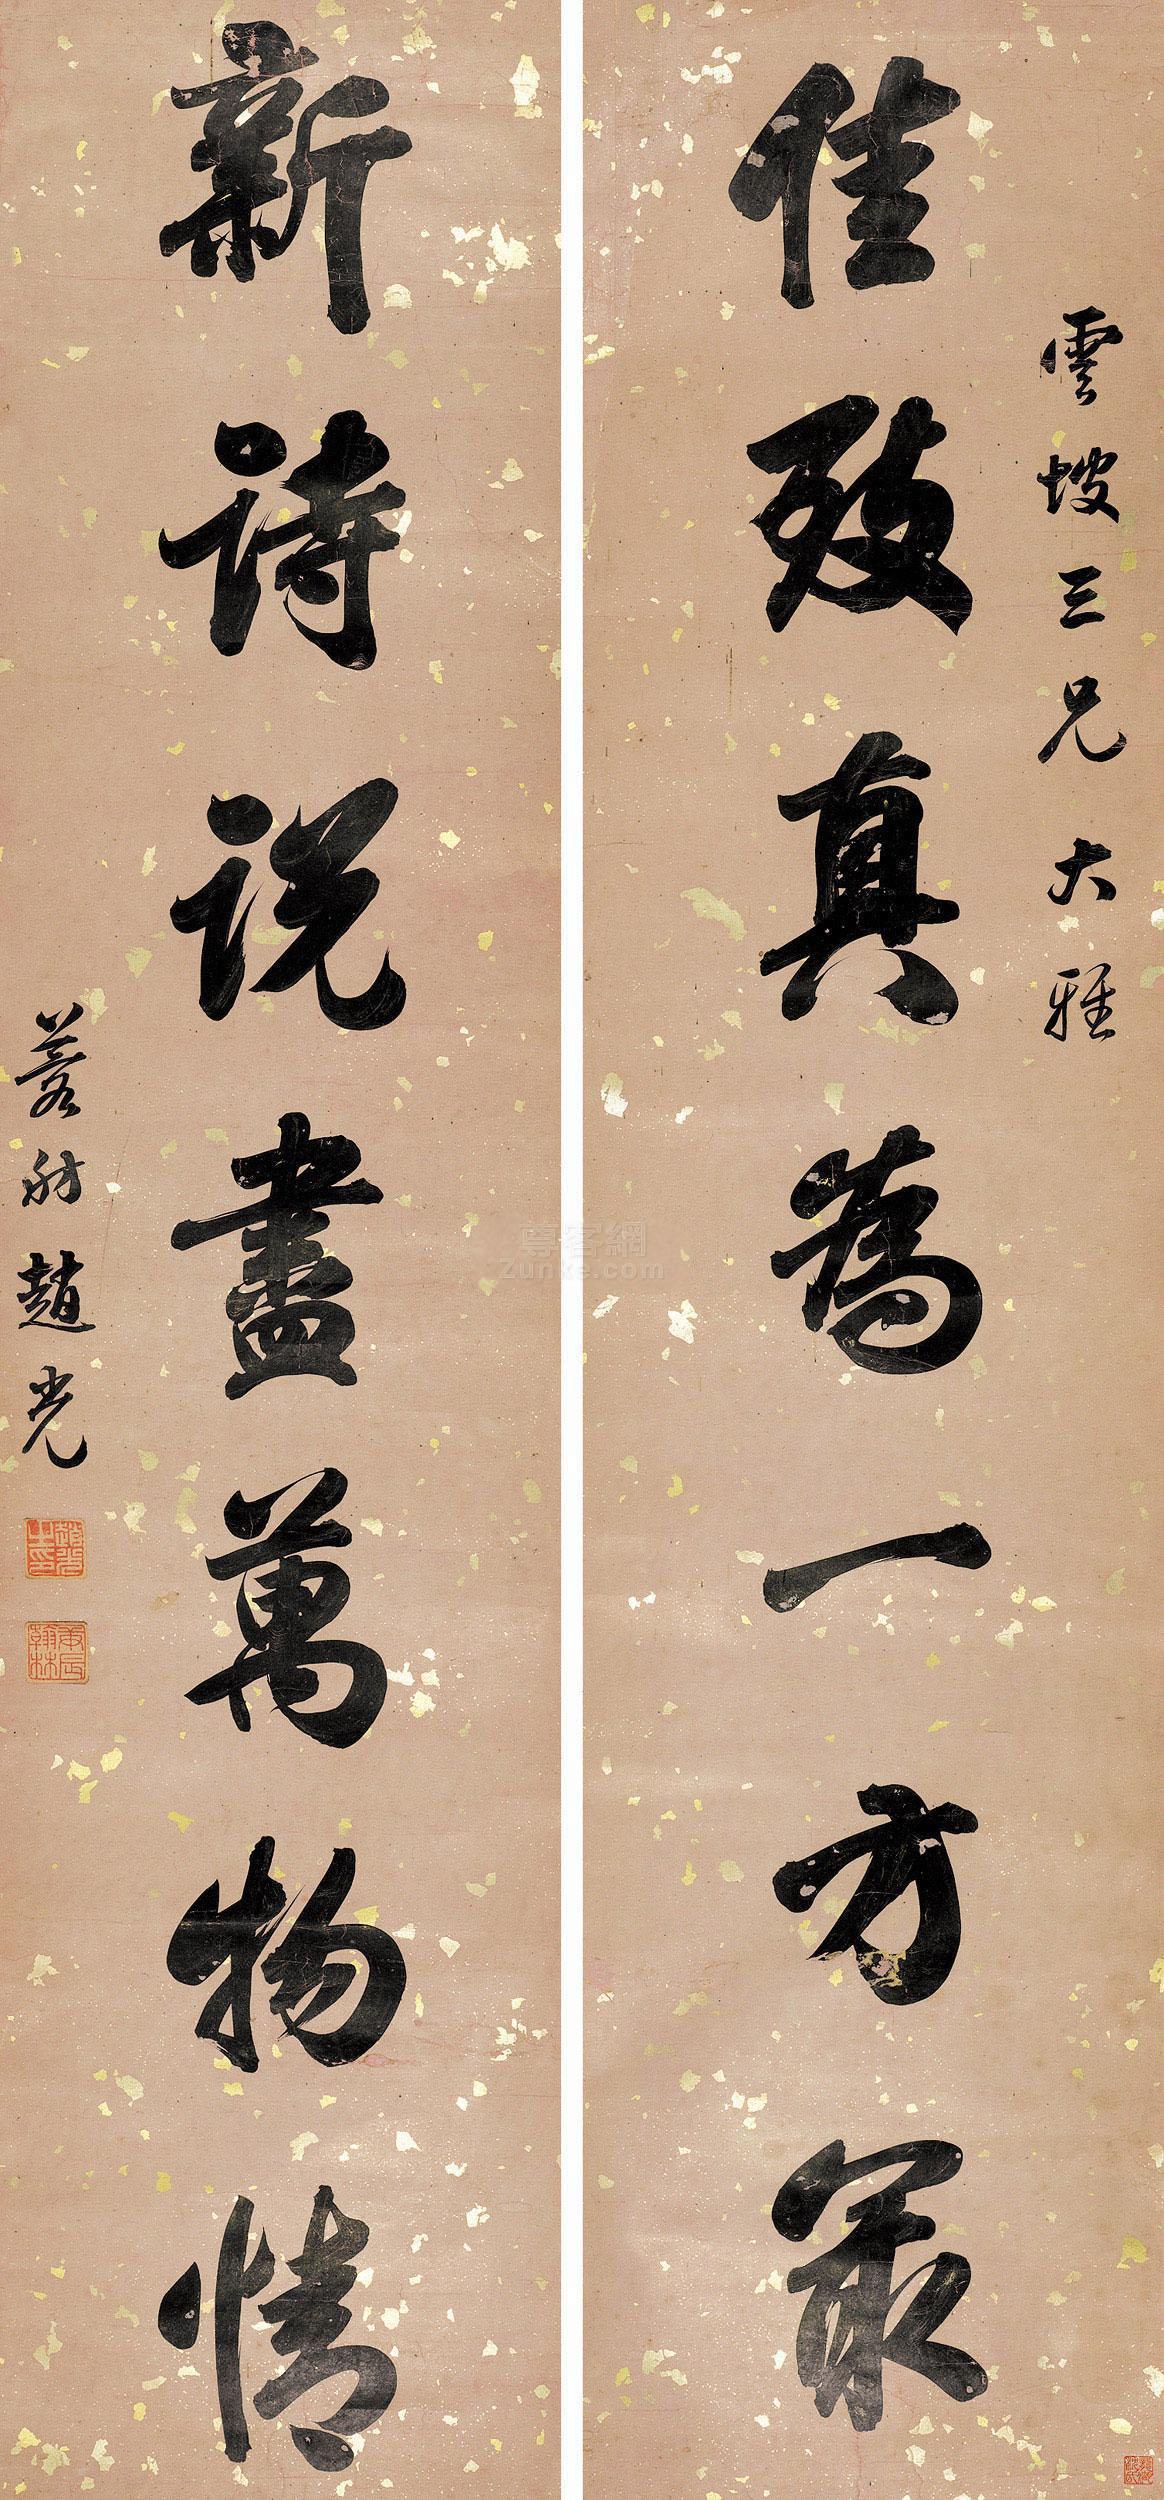 赵光作品欣赏赵光三典轩书画网 在图片